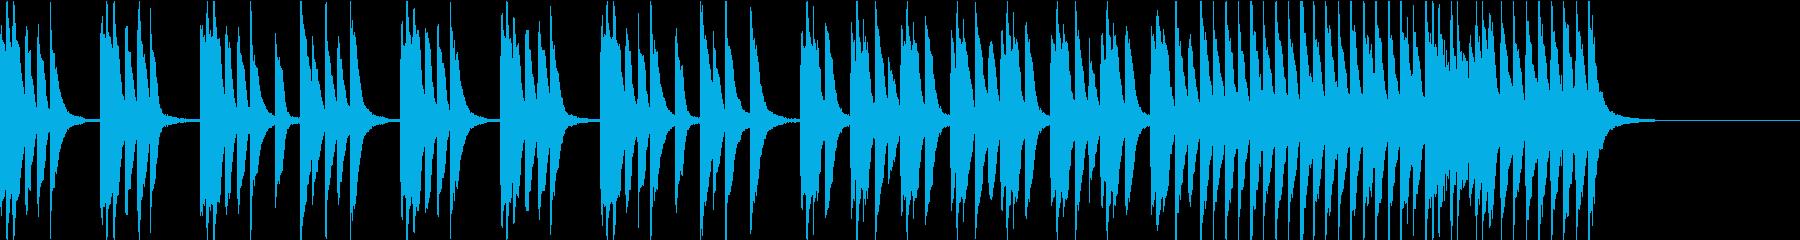 かわいい爽やか軽快なピアノソロ 30秒の再生済みの波形